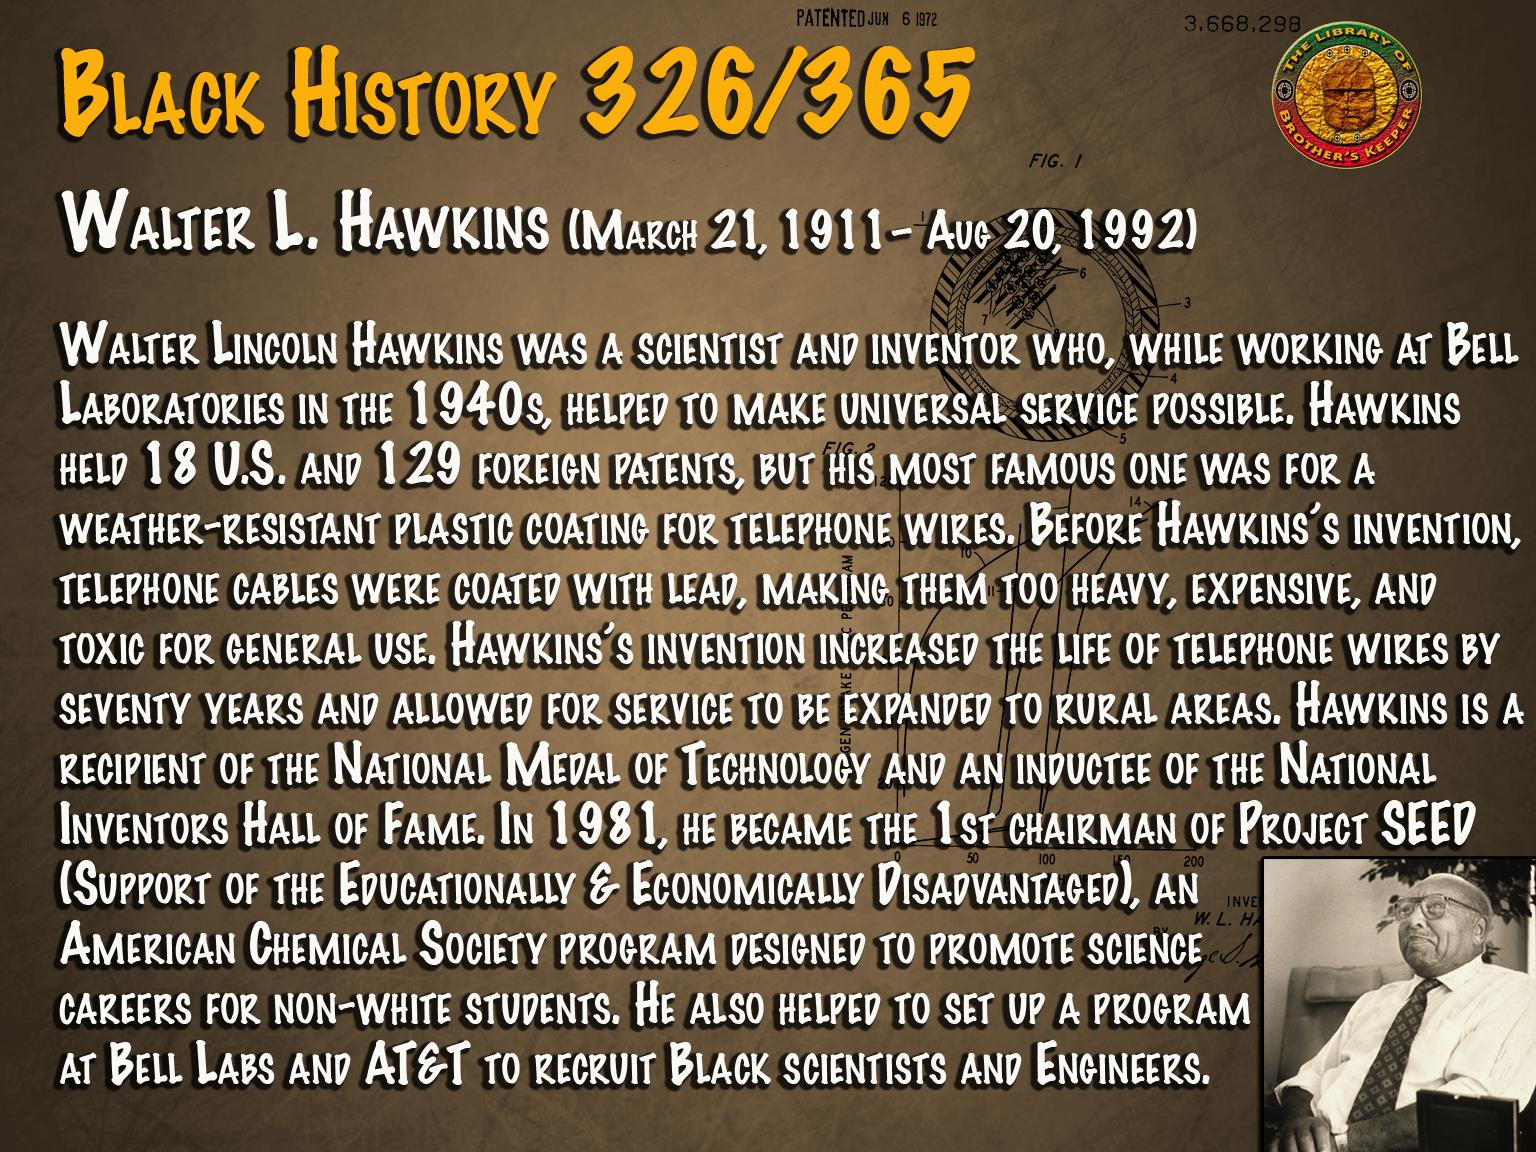 Walter L. Hawkins